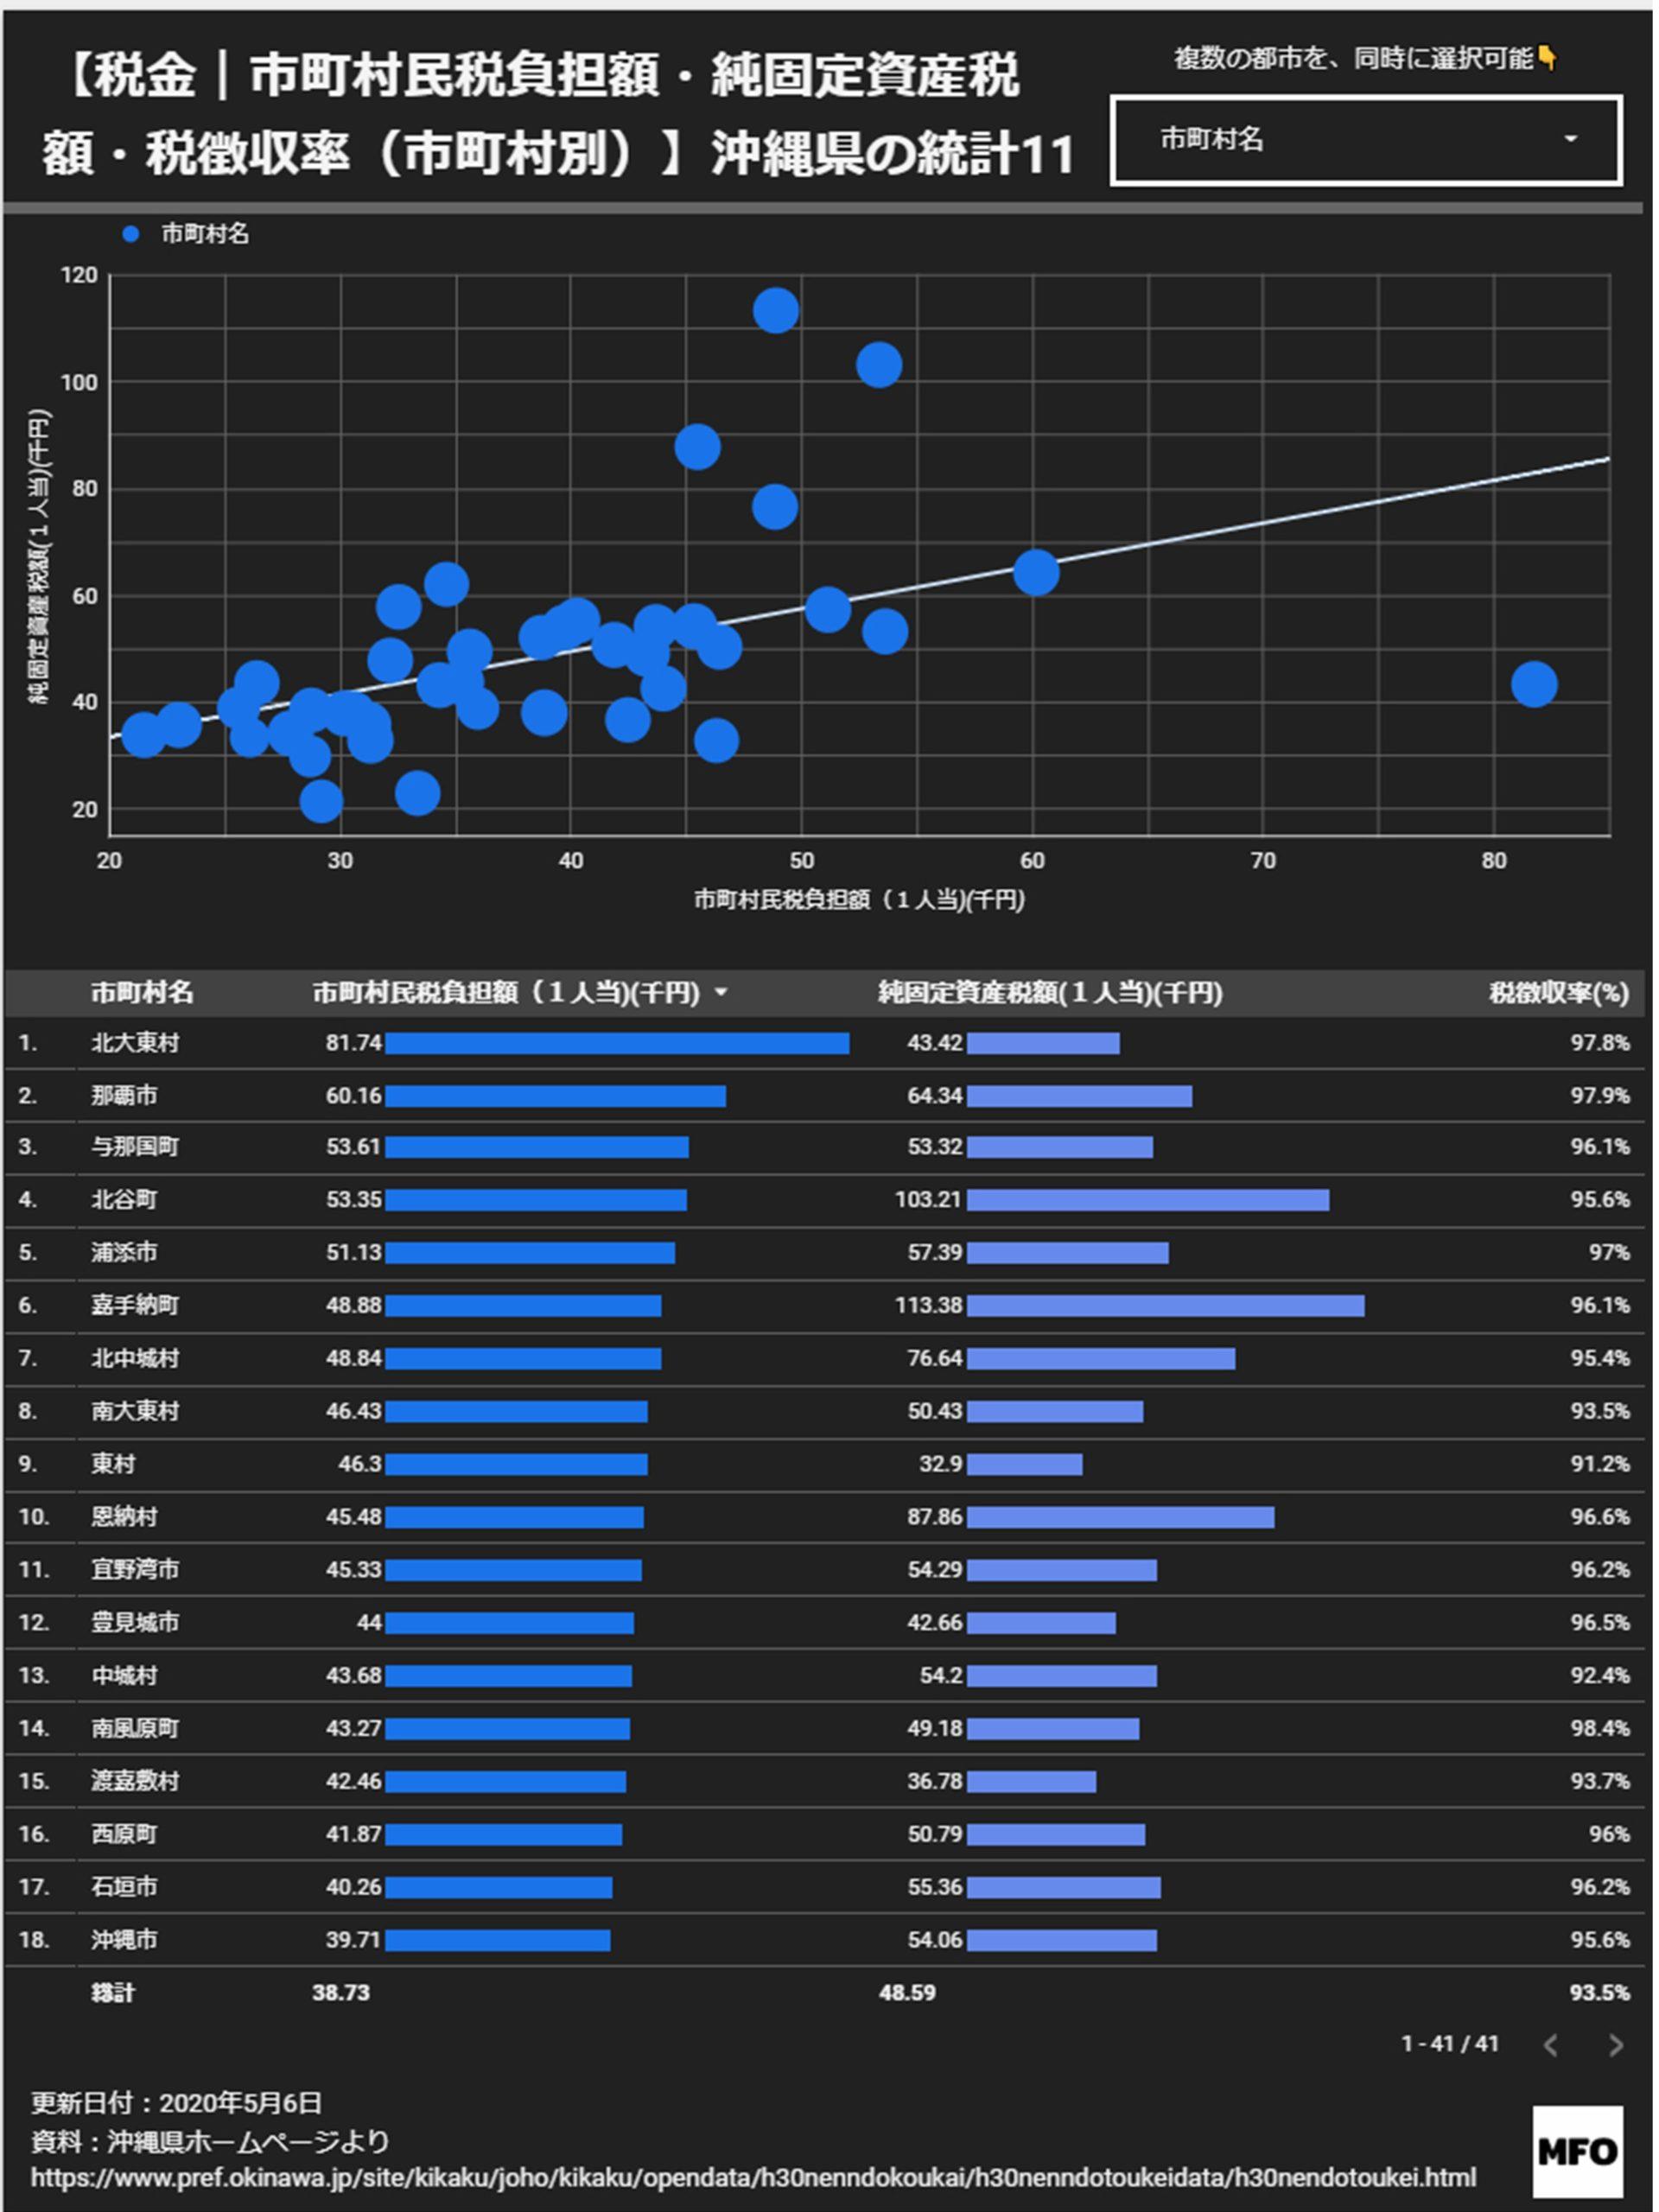 【沖縄県の市町村】税金と資産の統計